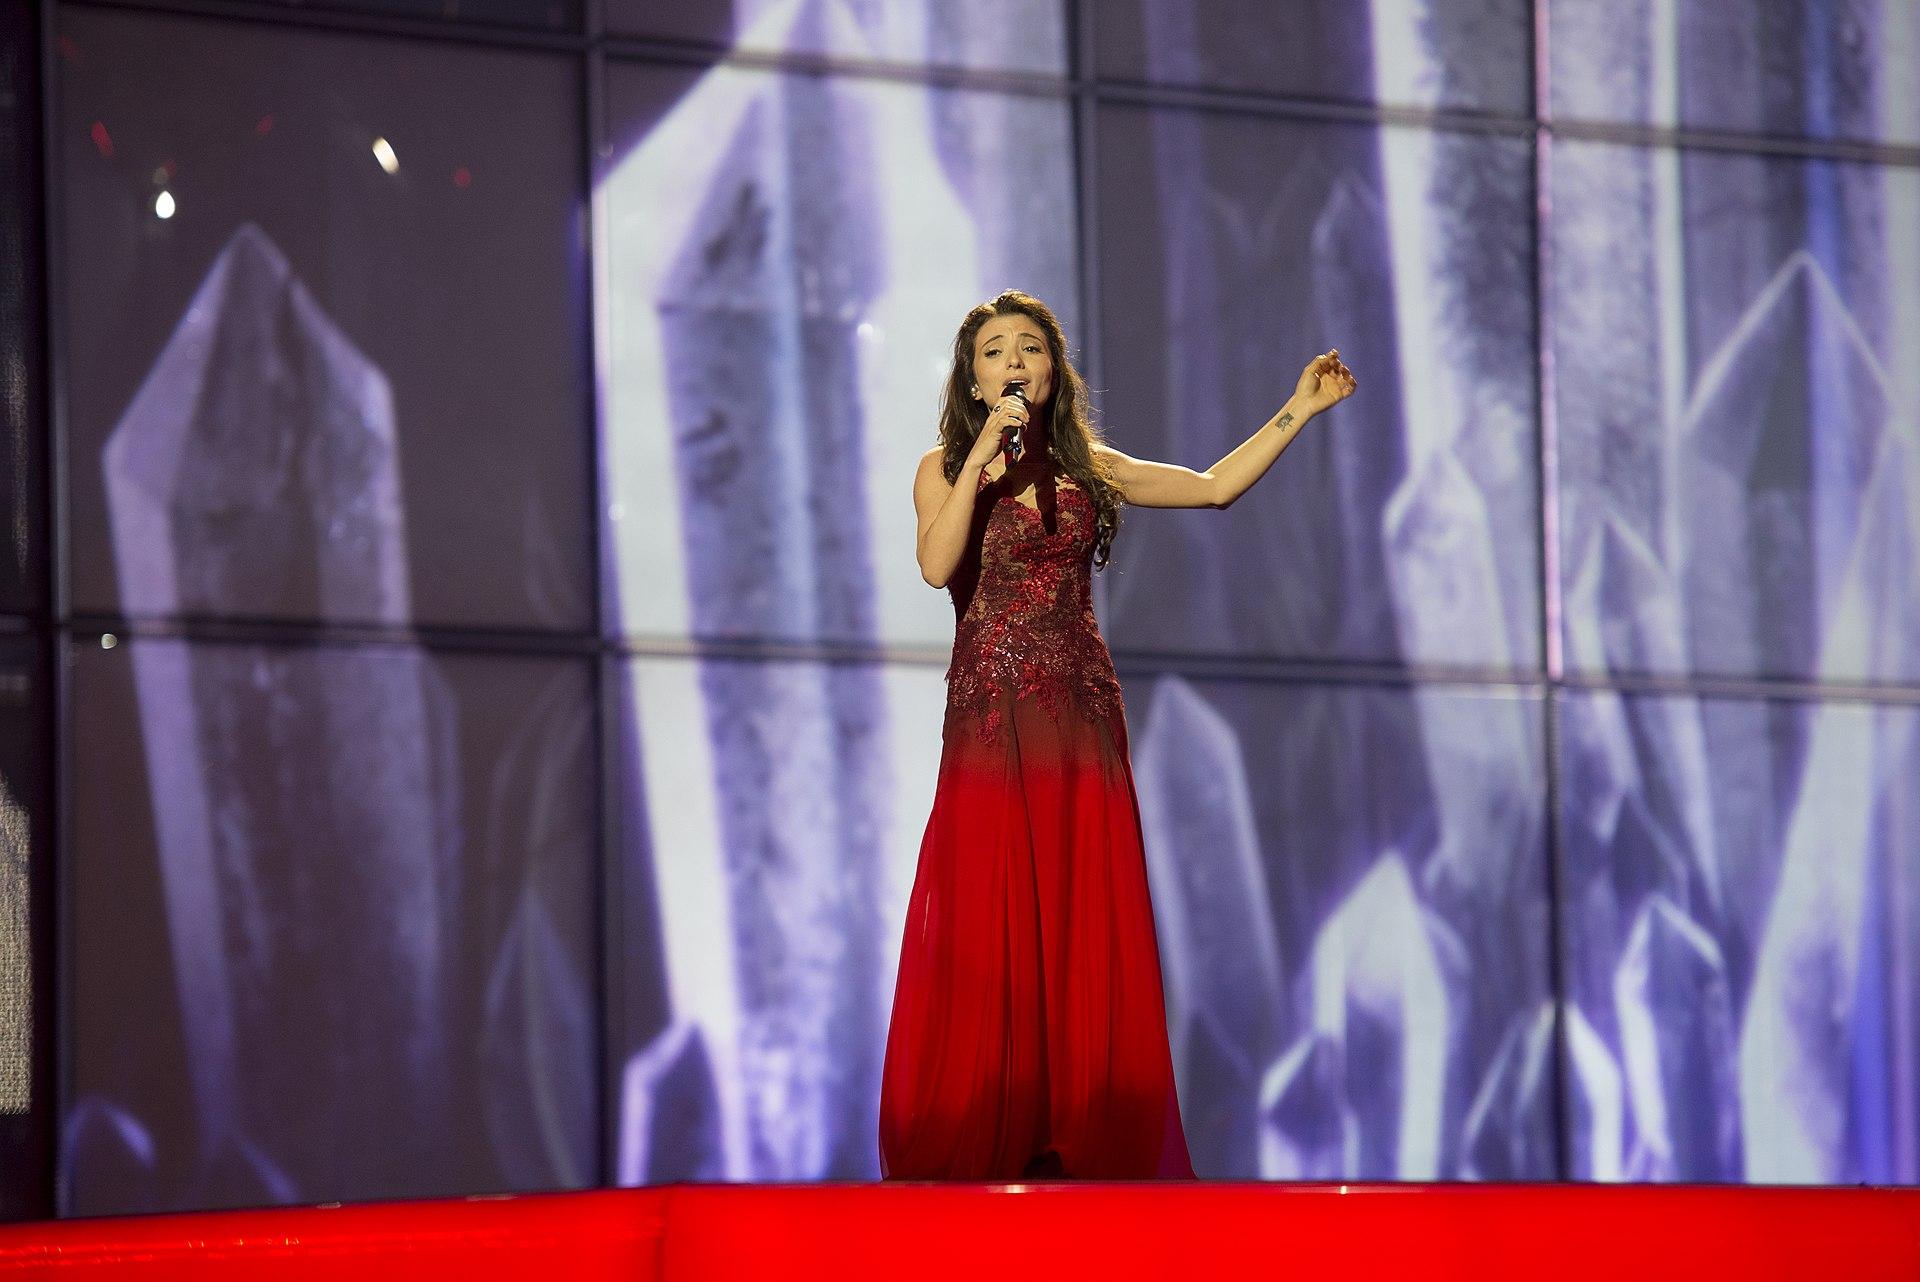 Azerbaijan in the Eurovision Song Contest 2013